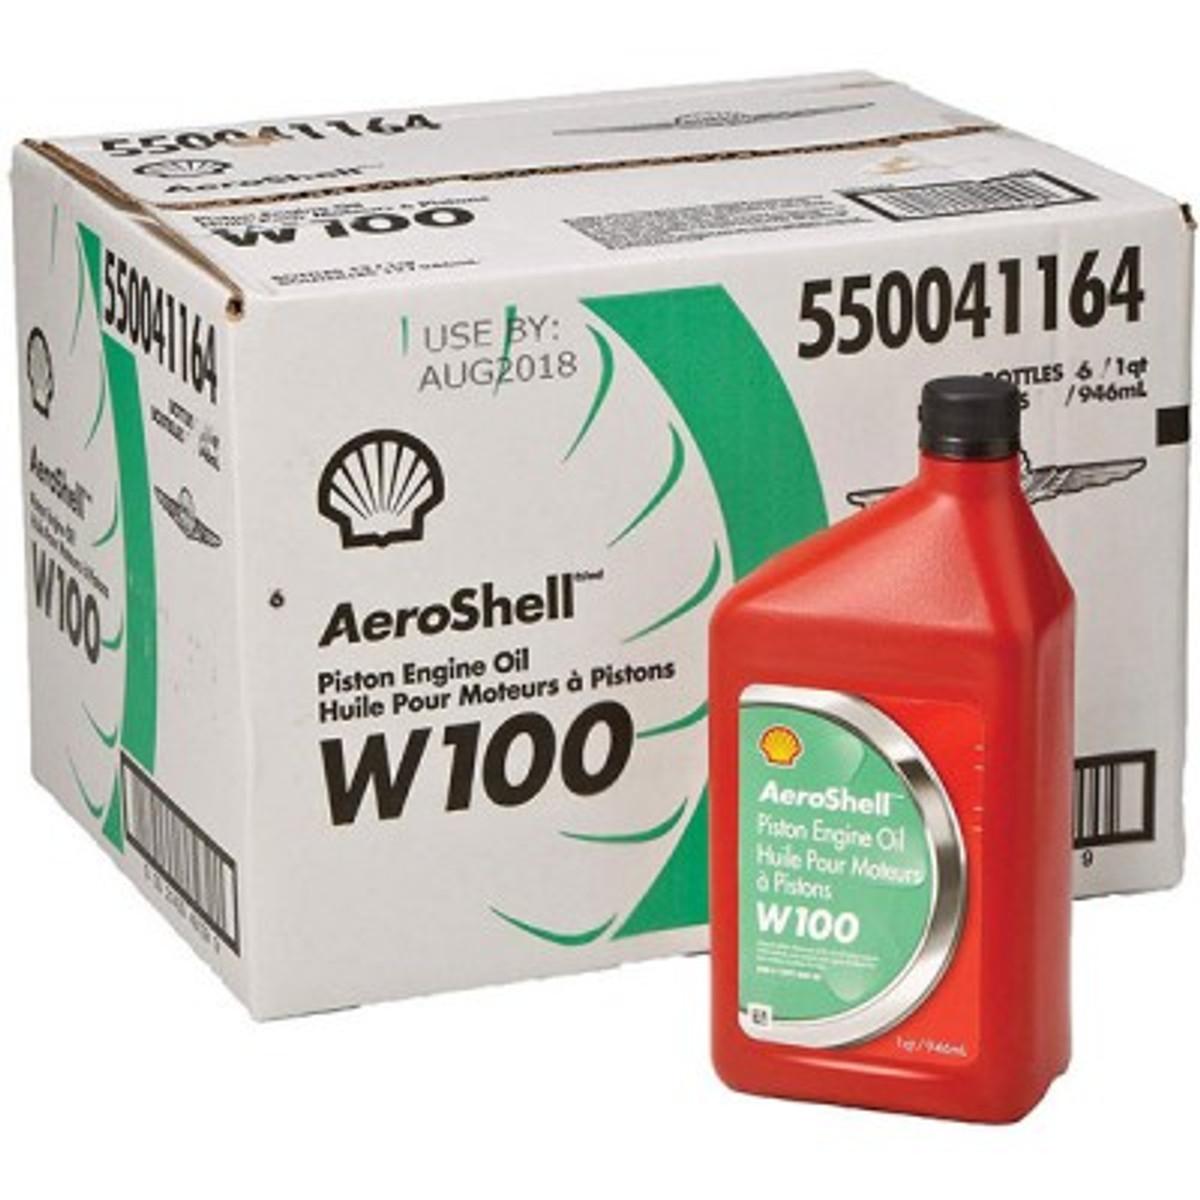 Aeroshell W100 Aviation Oil